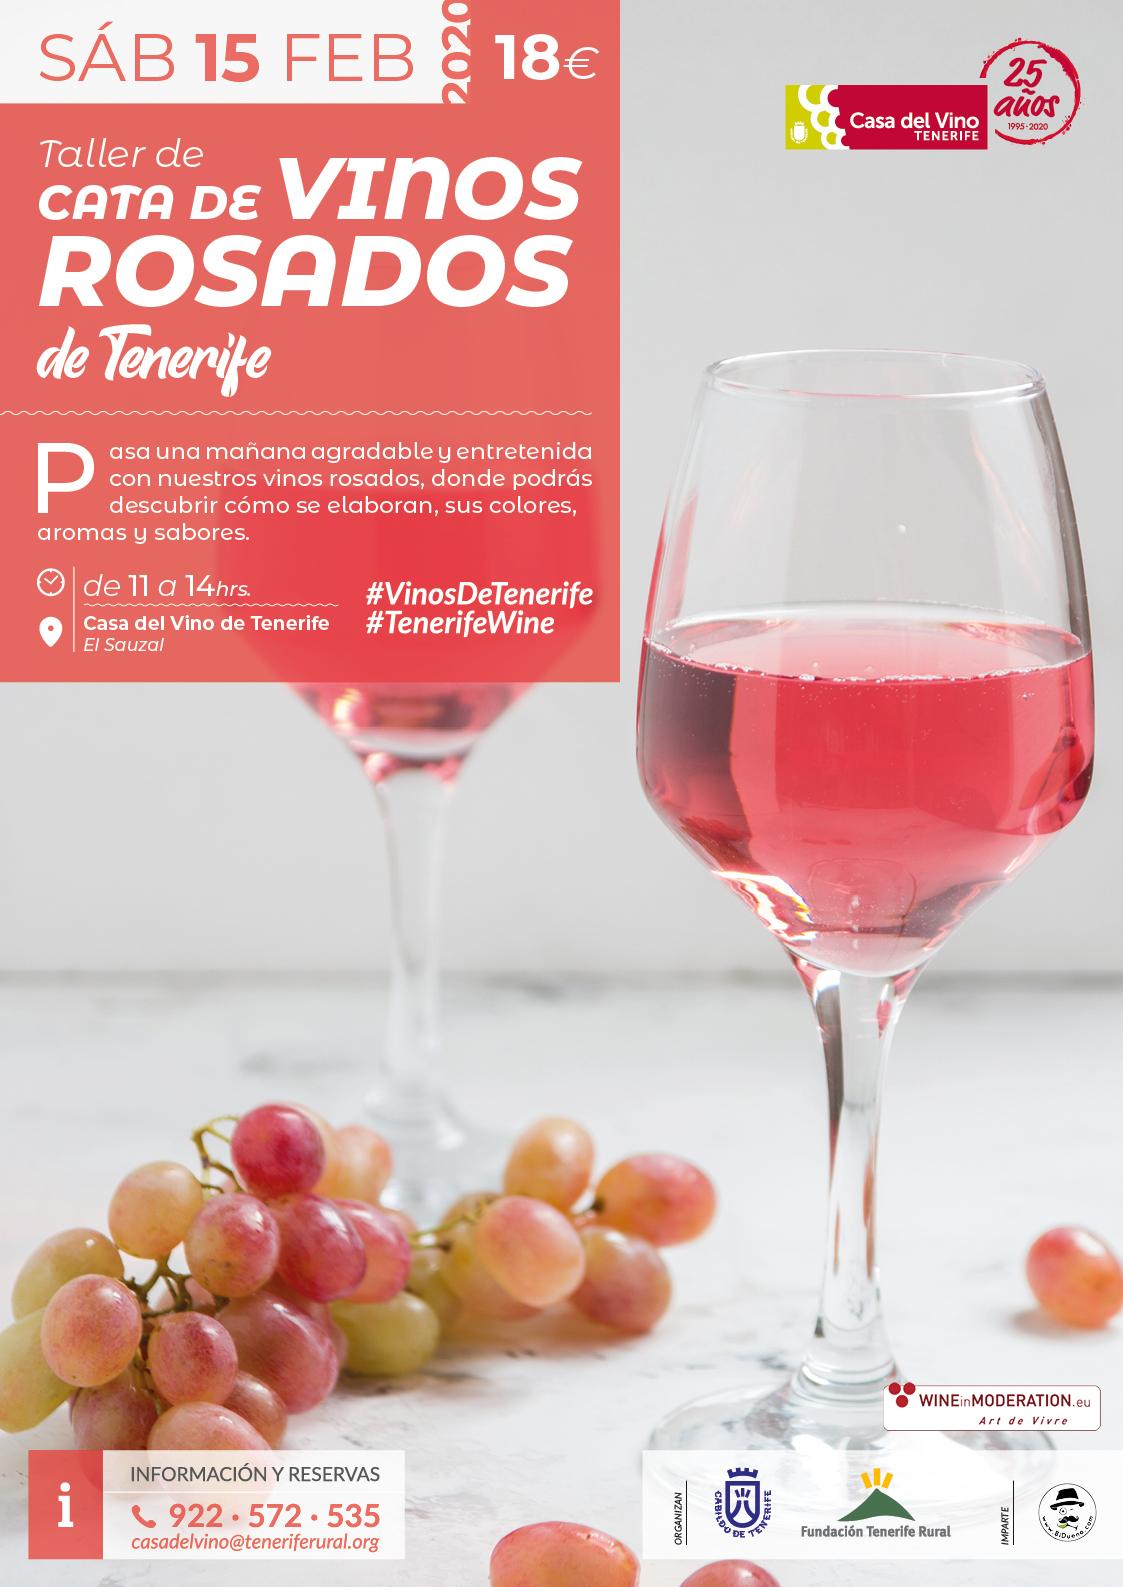 taller_de_cata_del_vinos_rosados_de_tenerife